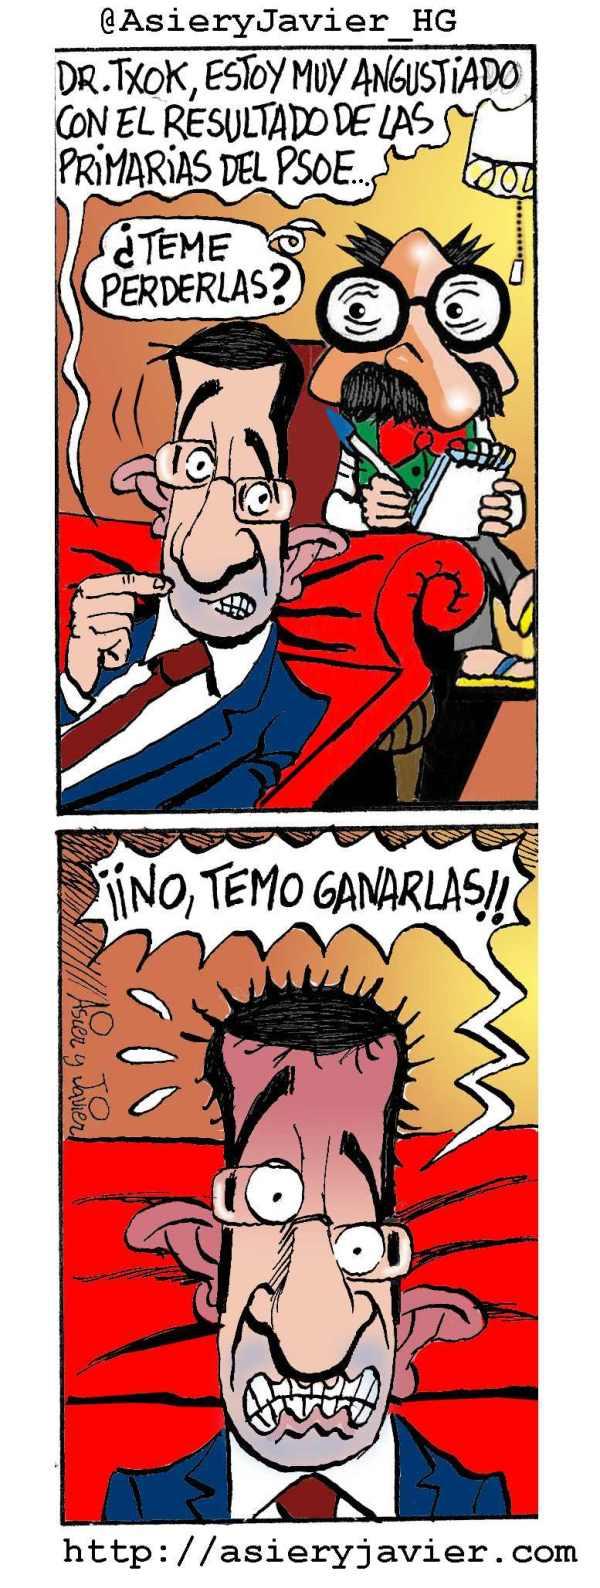 Patxi López acude al doctor Txok preocupado por las primarias del PSOE. Humor gráfico, viñeta, humor.